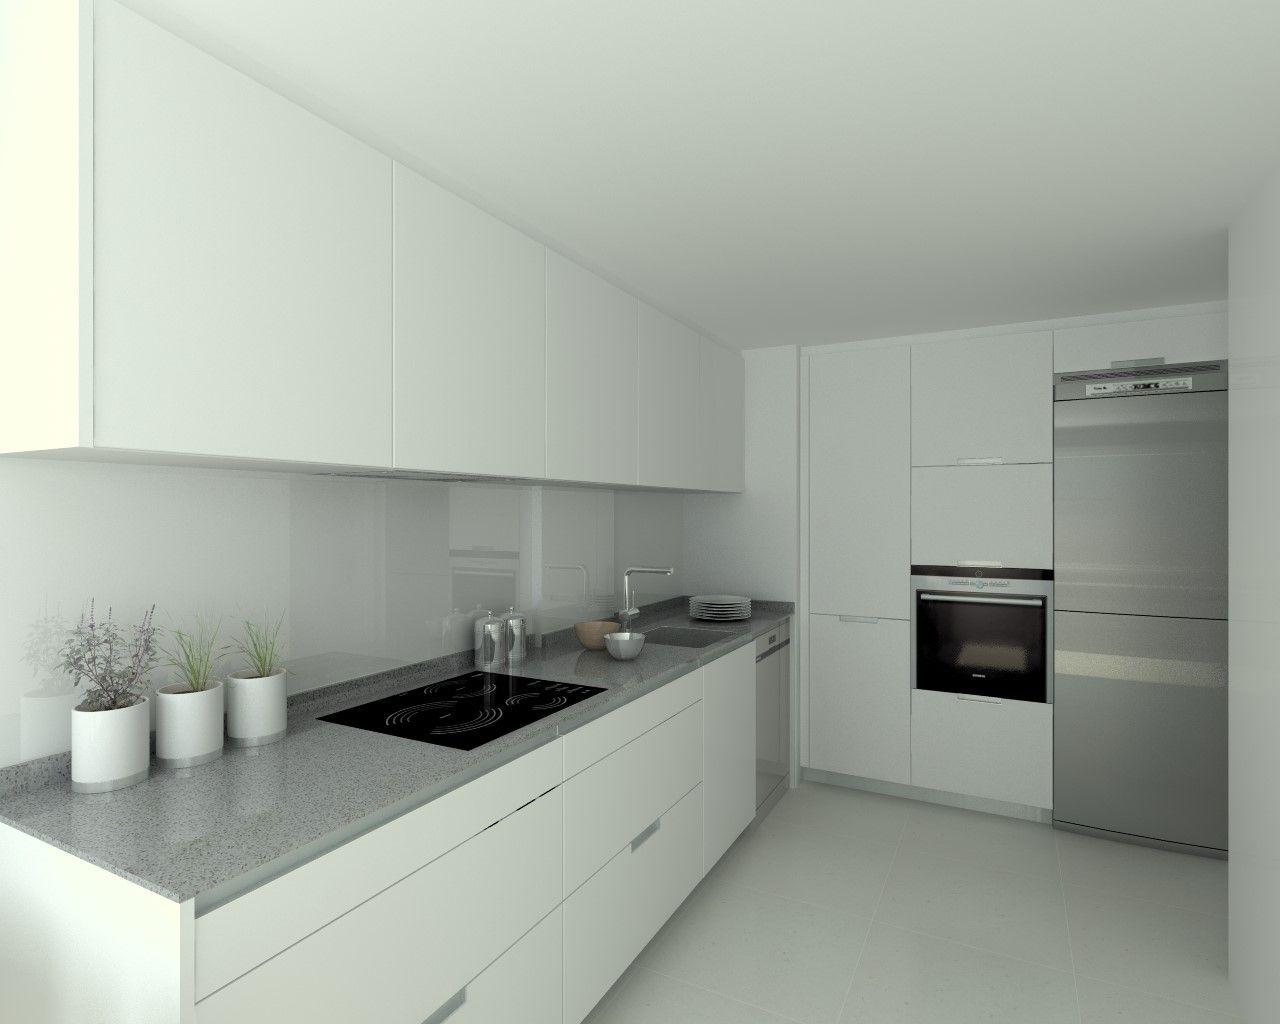 Cocina santos modelo minos estratificado blanco perla encimera compac gris plomo modern - Cocina blanca encimera gris ...